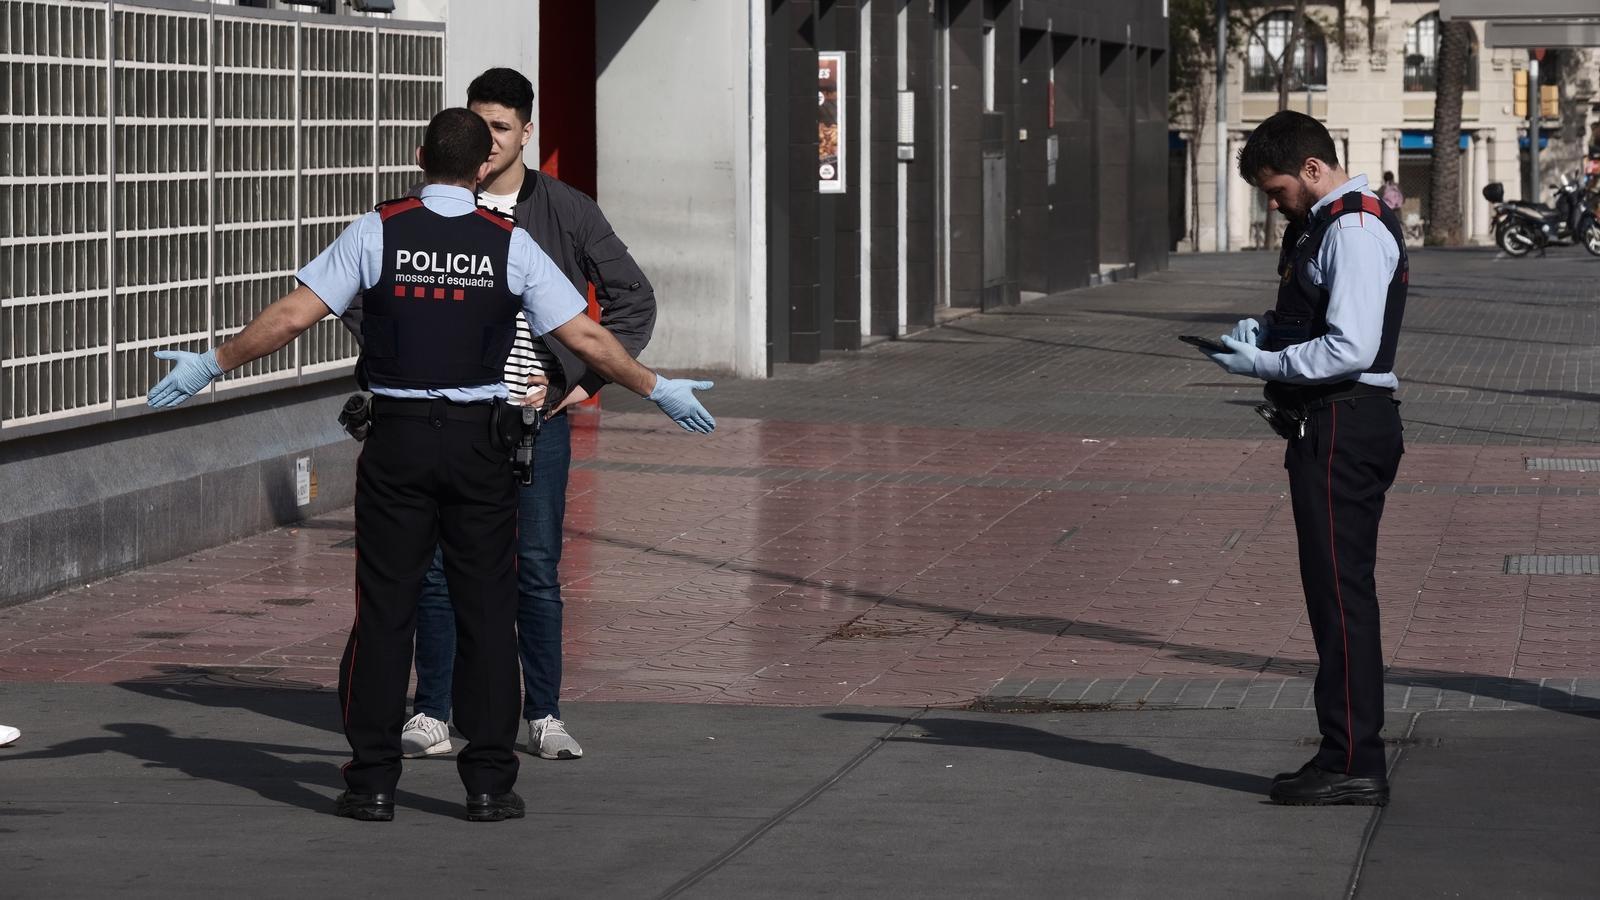 Dos agents dels Mossos comprovant aquest dilluns si un ciutadà que anava per la plaça Espanya de Barcelona compleix el confinament